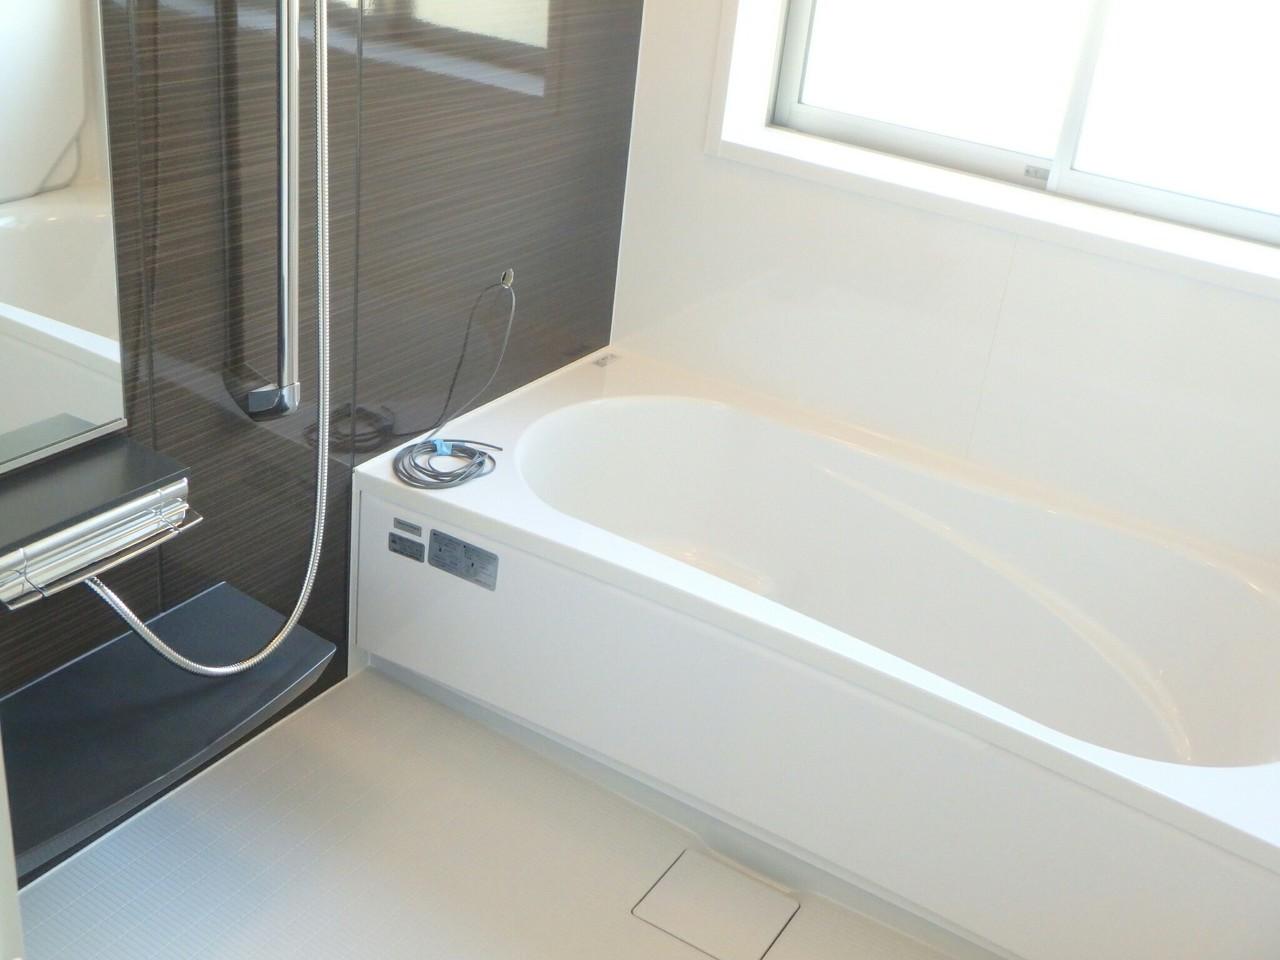 落ち着いた色調の広い浴室で1日の疲れも癒されそうですね♪